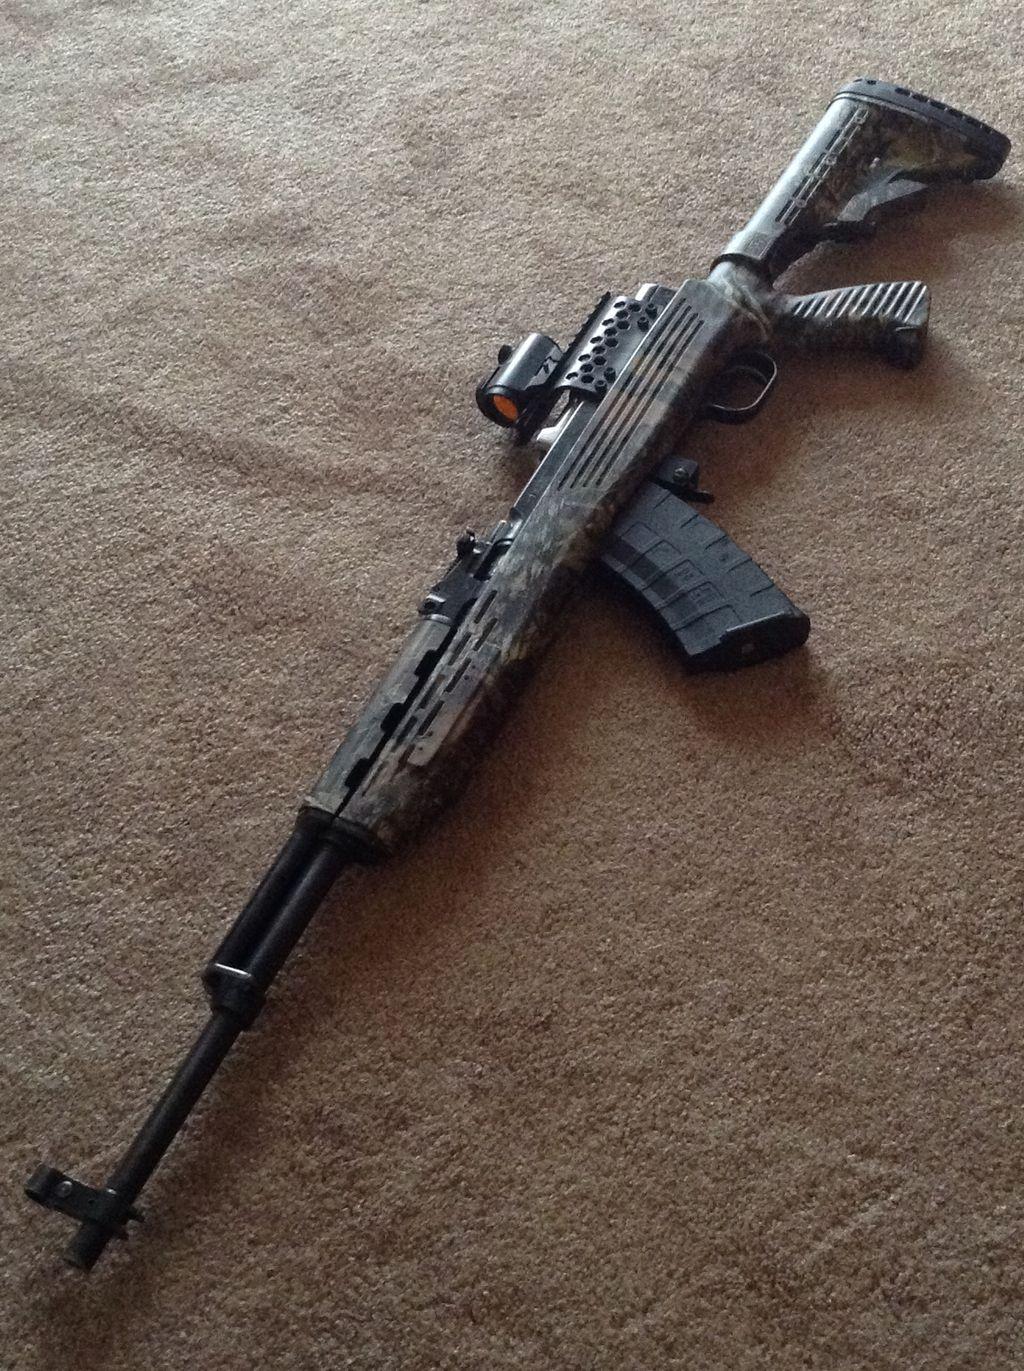 Offertt tactical sks paratrooper for your sbr ar guns